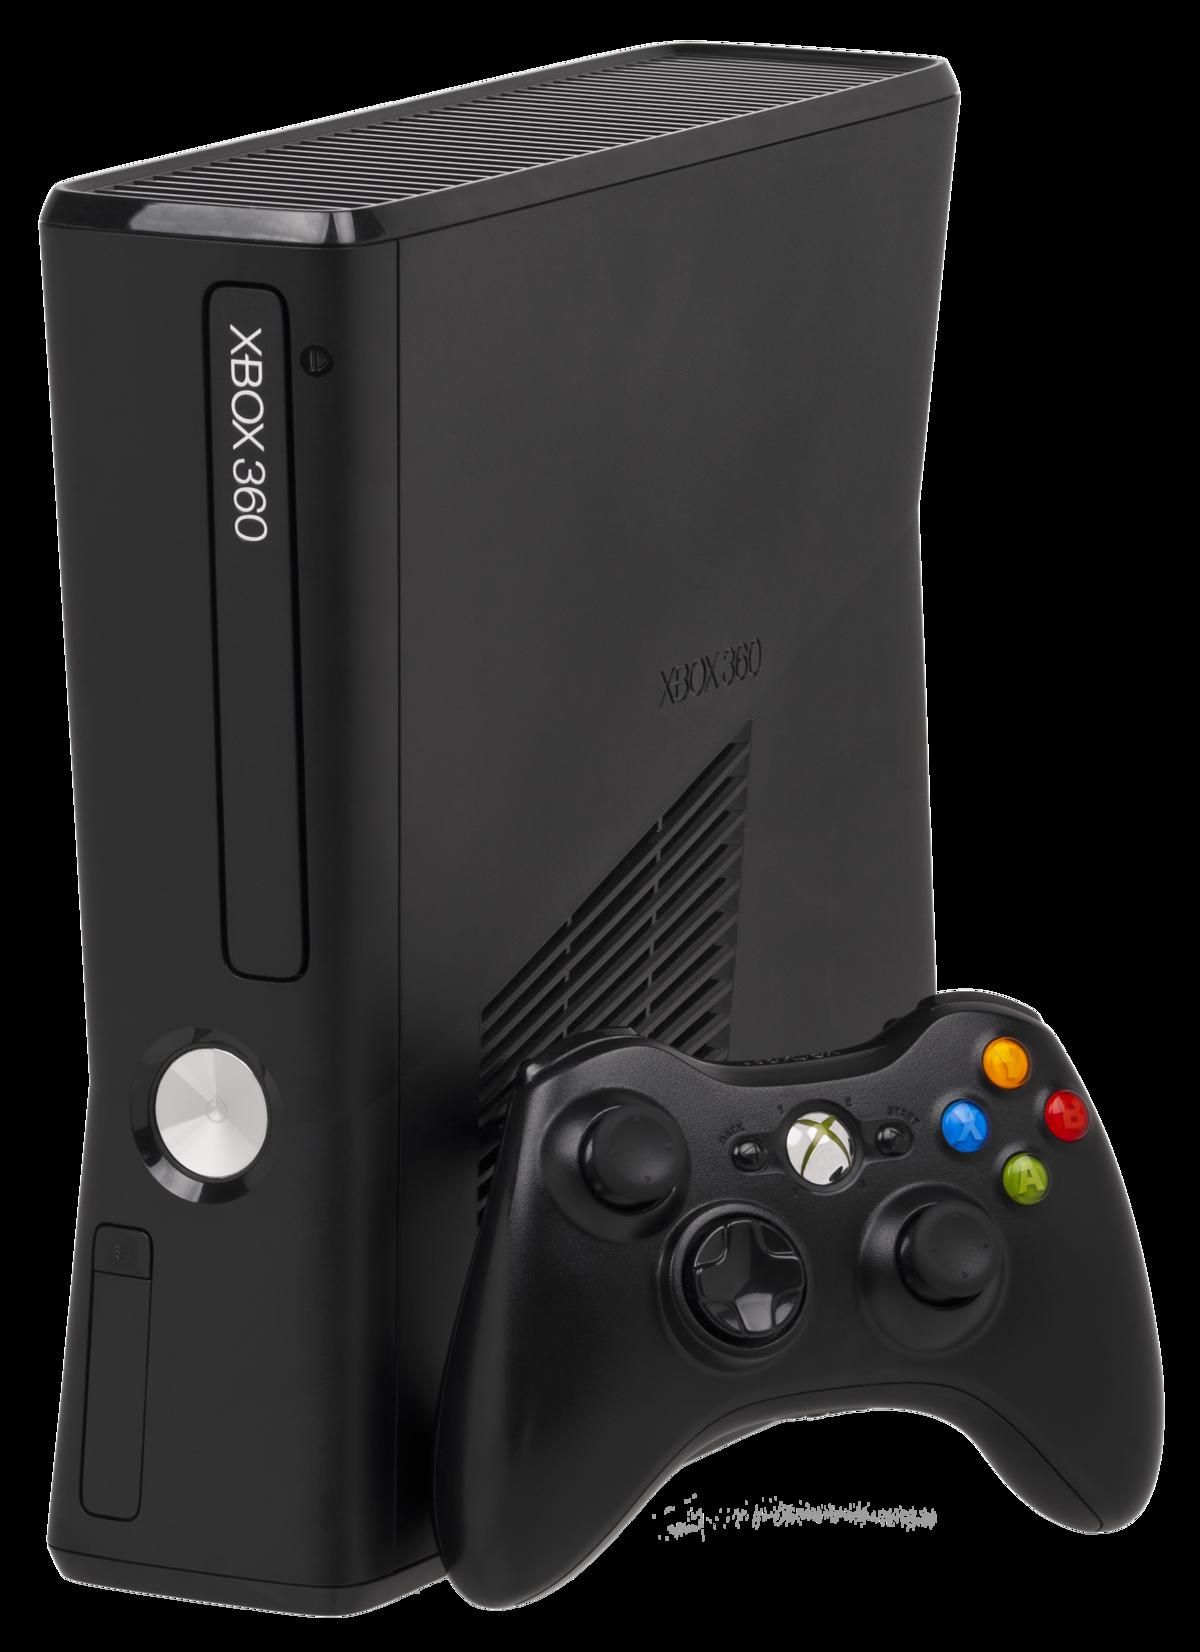 xbox360 ダウンロード ゲーム